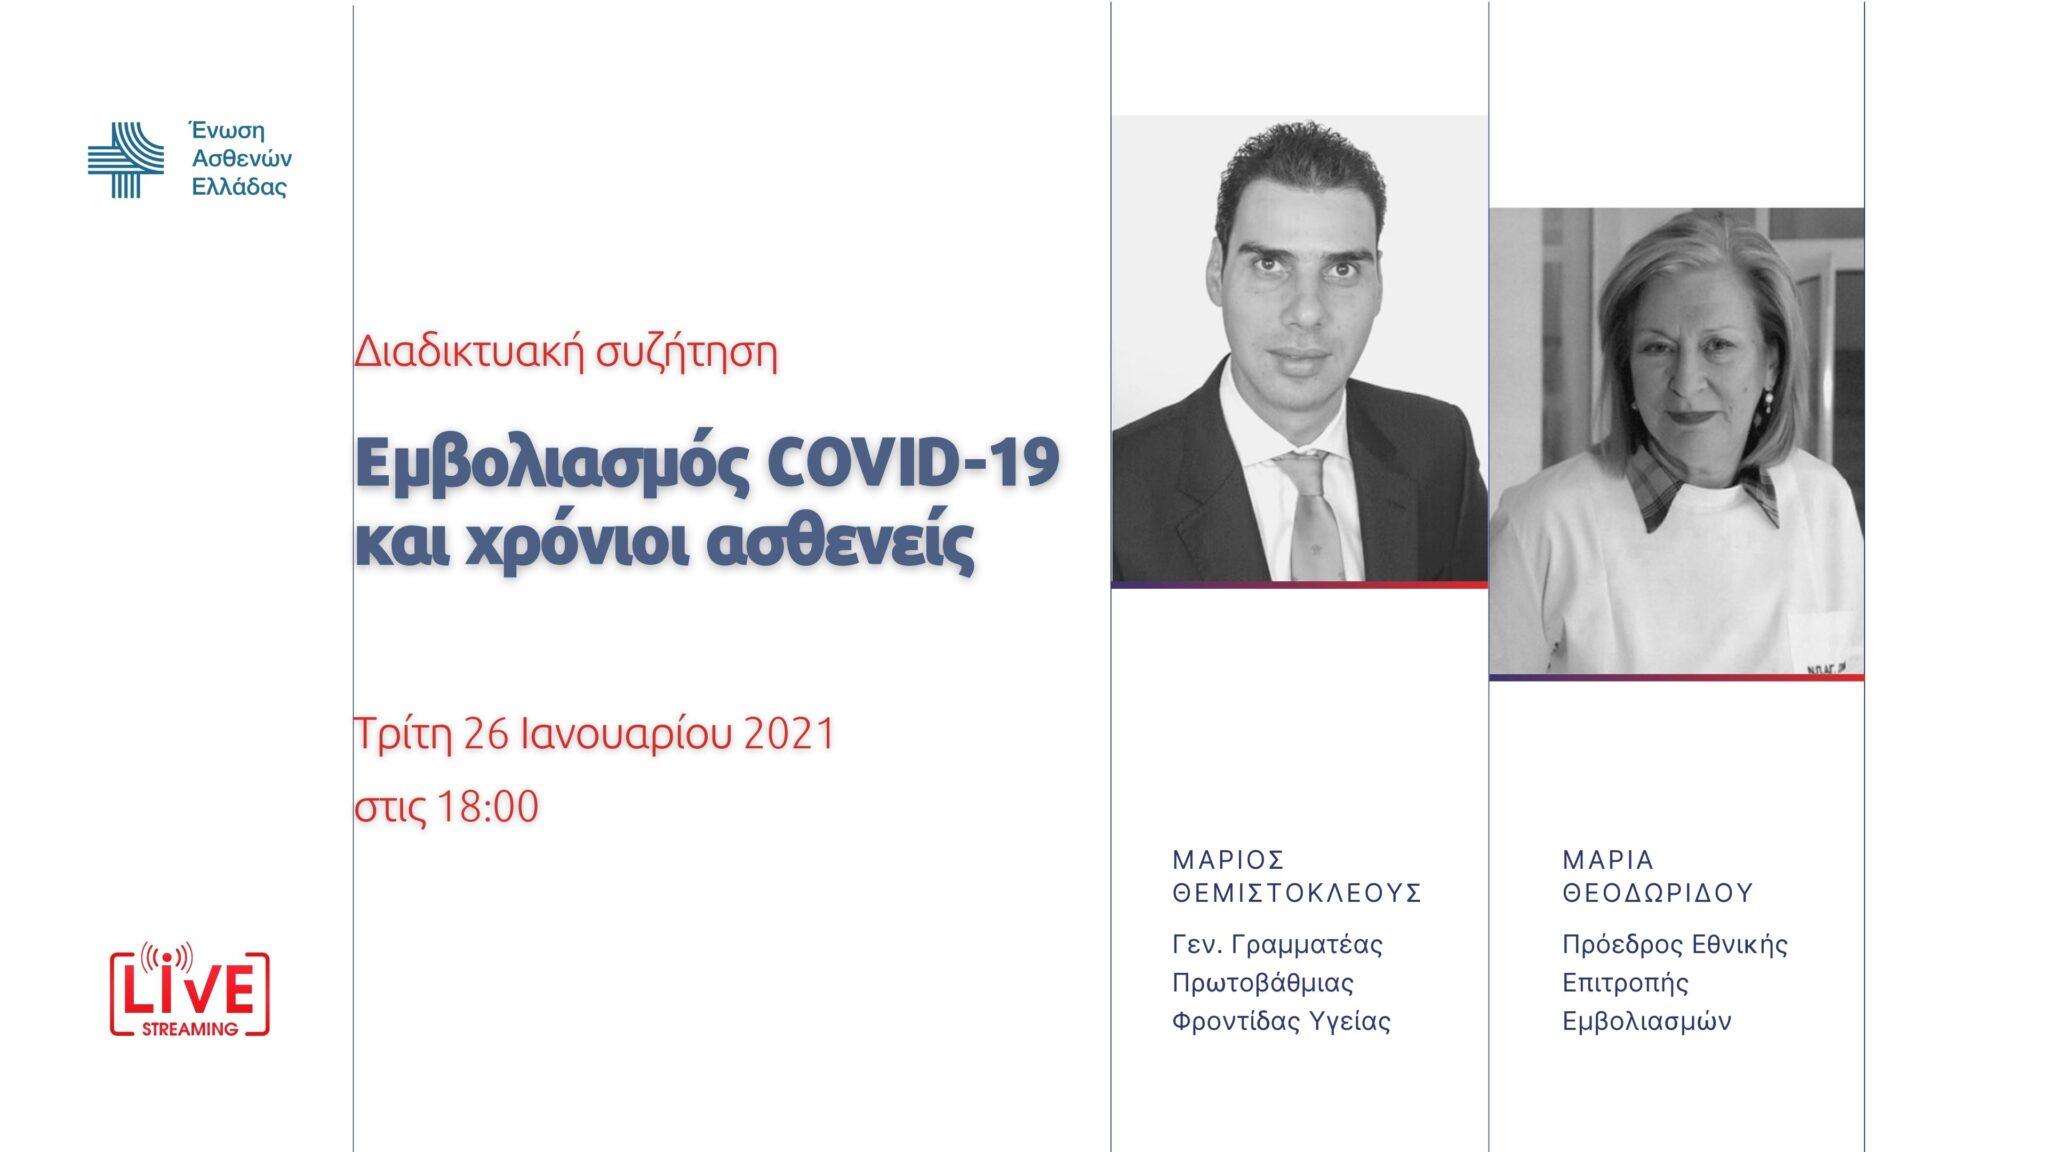 Ενημερωτική εκδήλωση «Εμβολιασμός COVID-19 και χρόνιοι ασθενείς» | Τρίτη 26 Ιανουαρίου 2020, στις 18:00